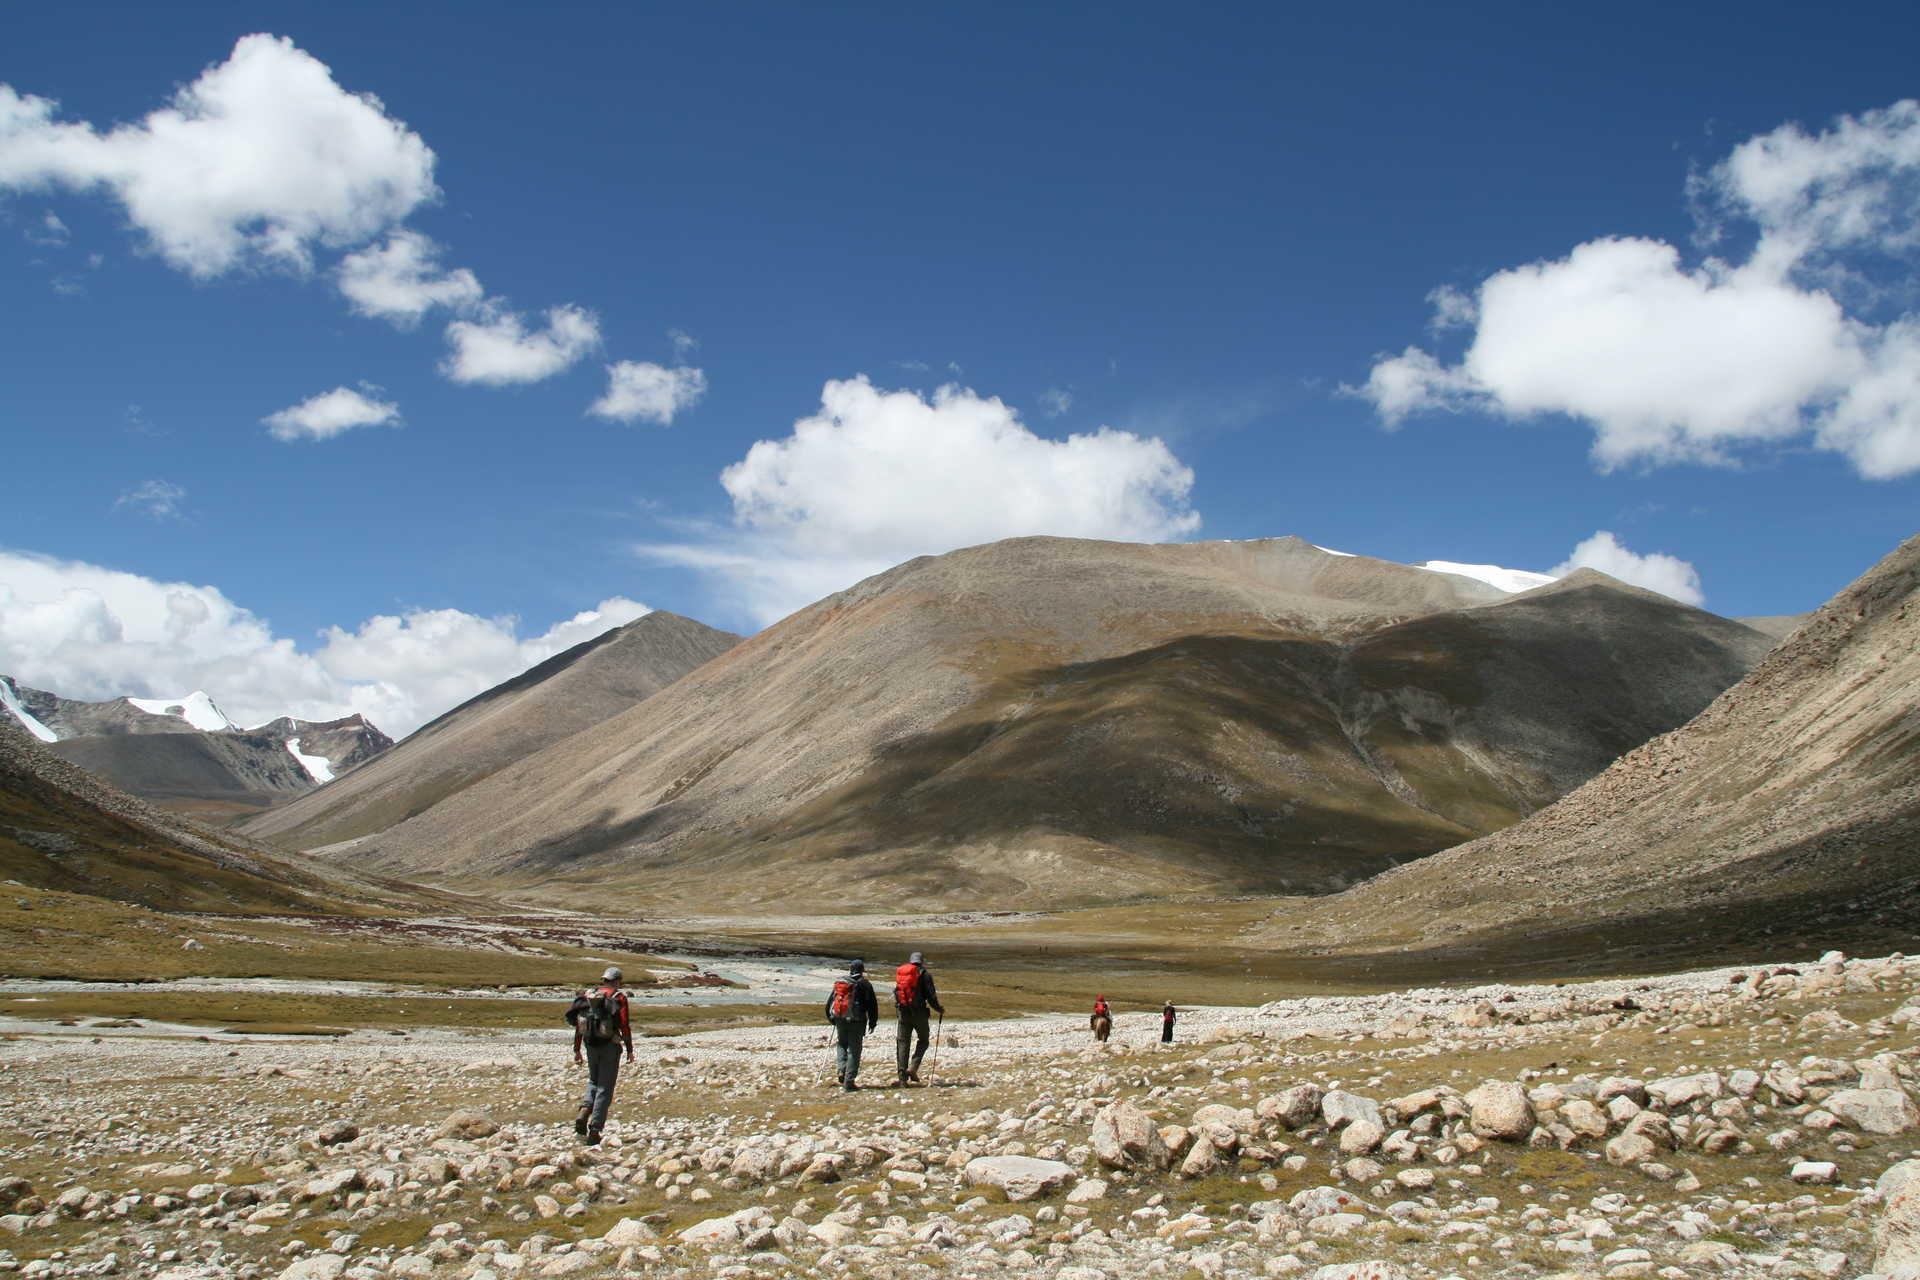 Randonneurs sur les hauts plateaux tibétains